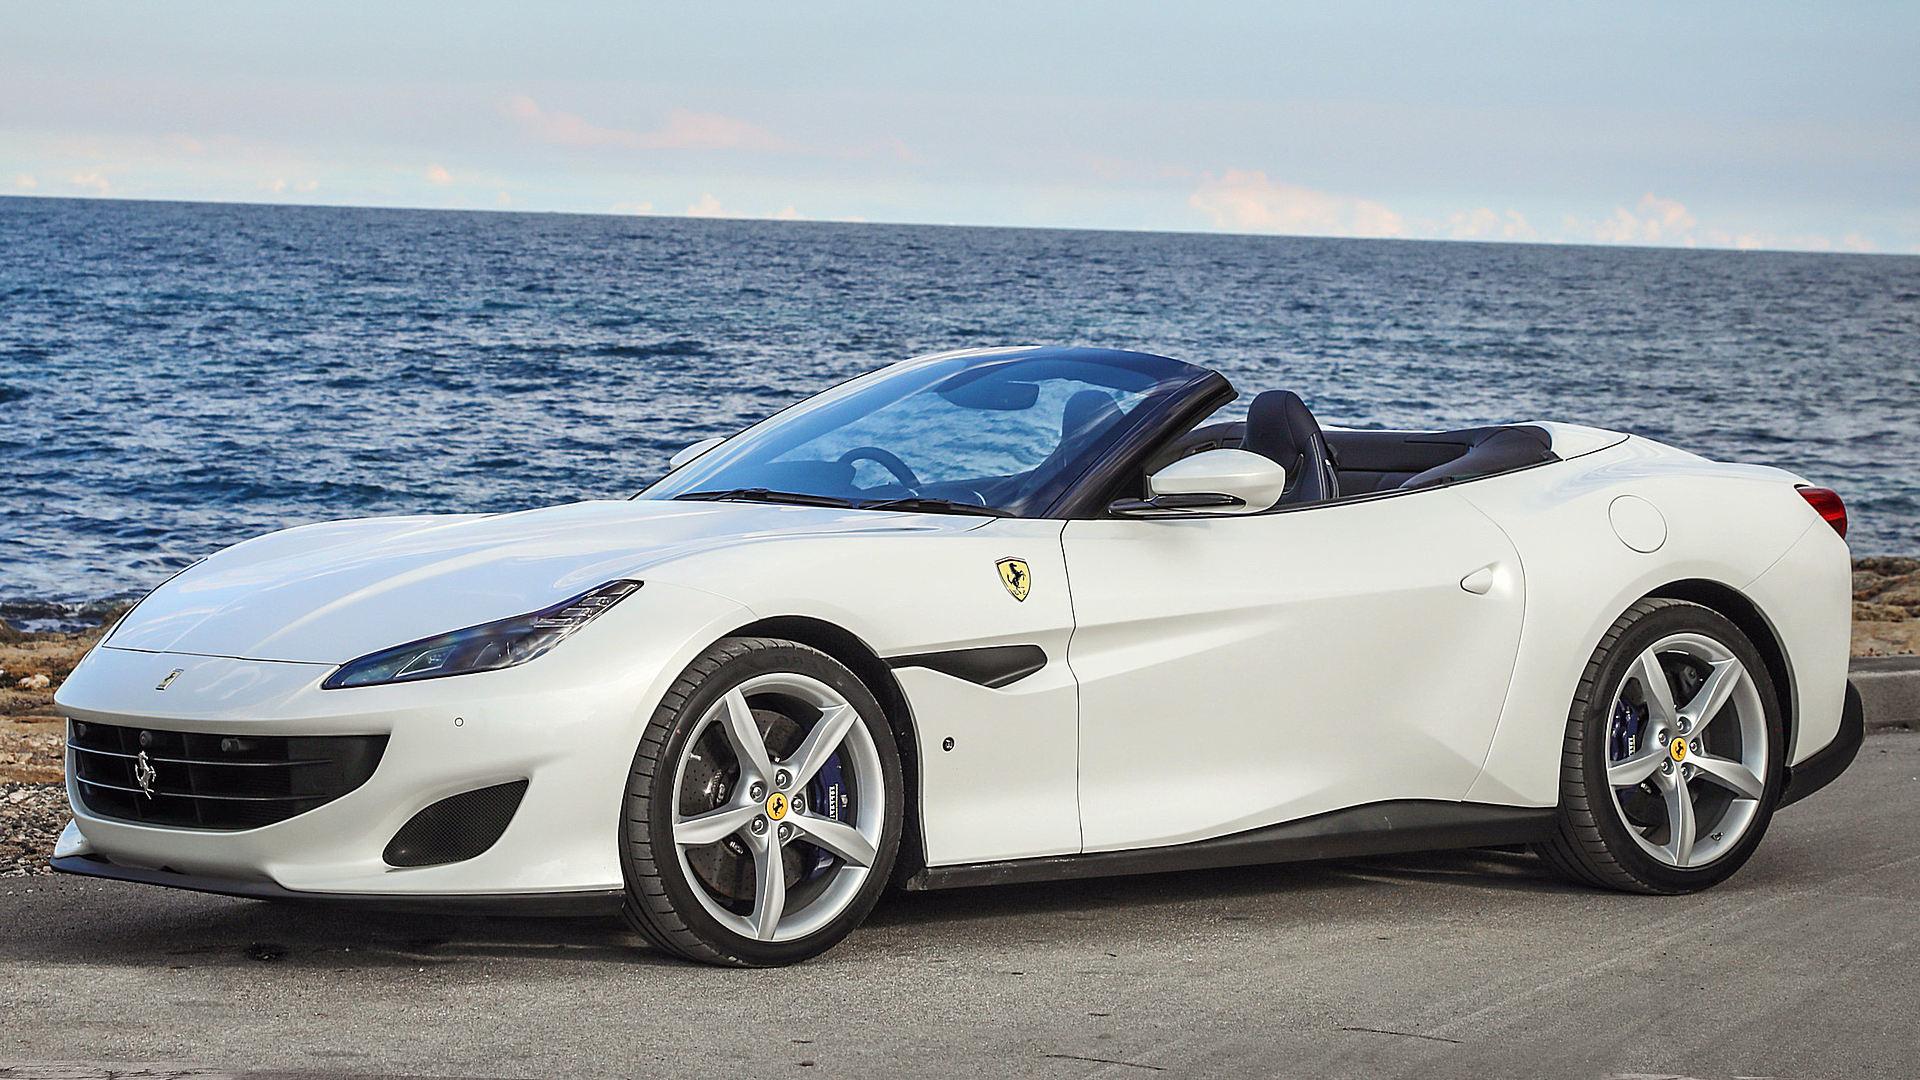 2019 Ferrari Portofino Colors White